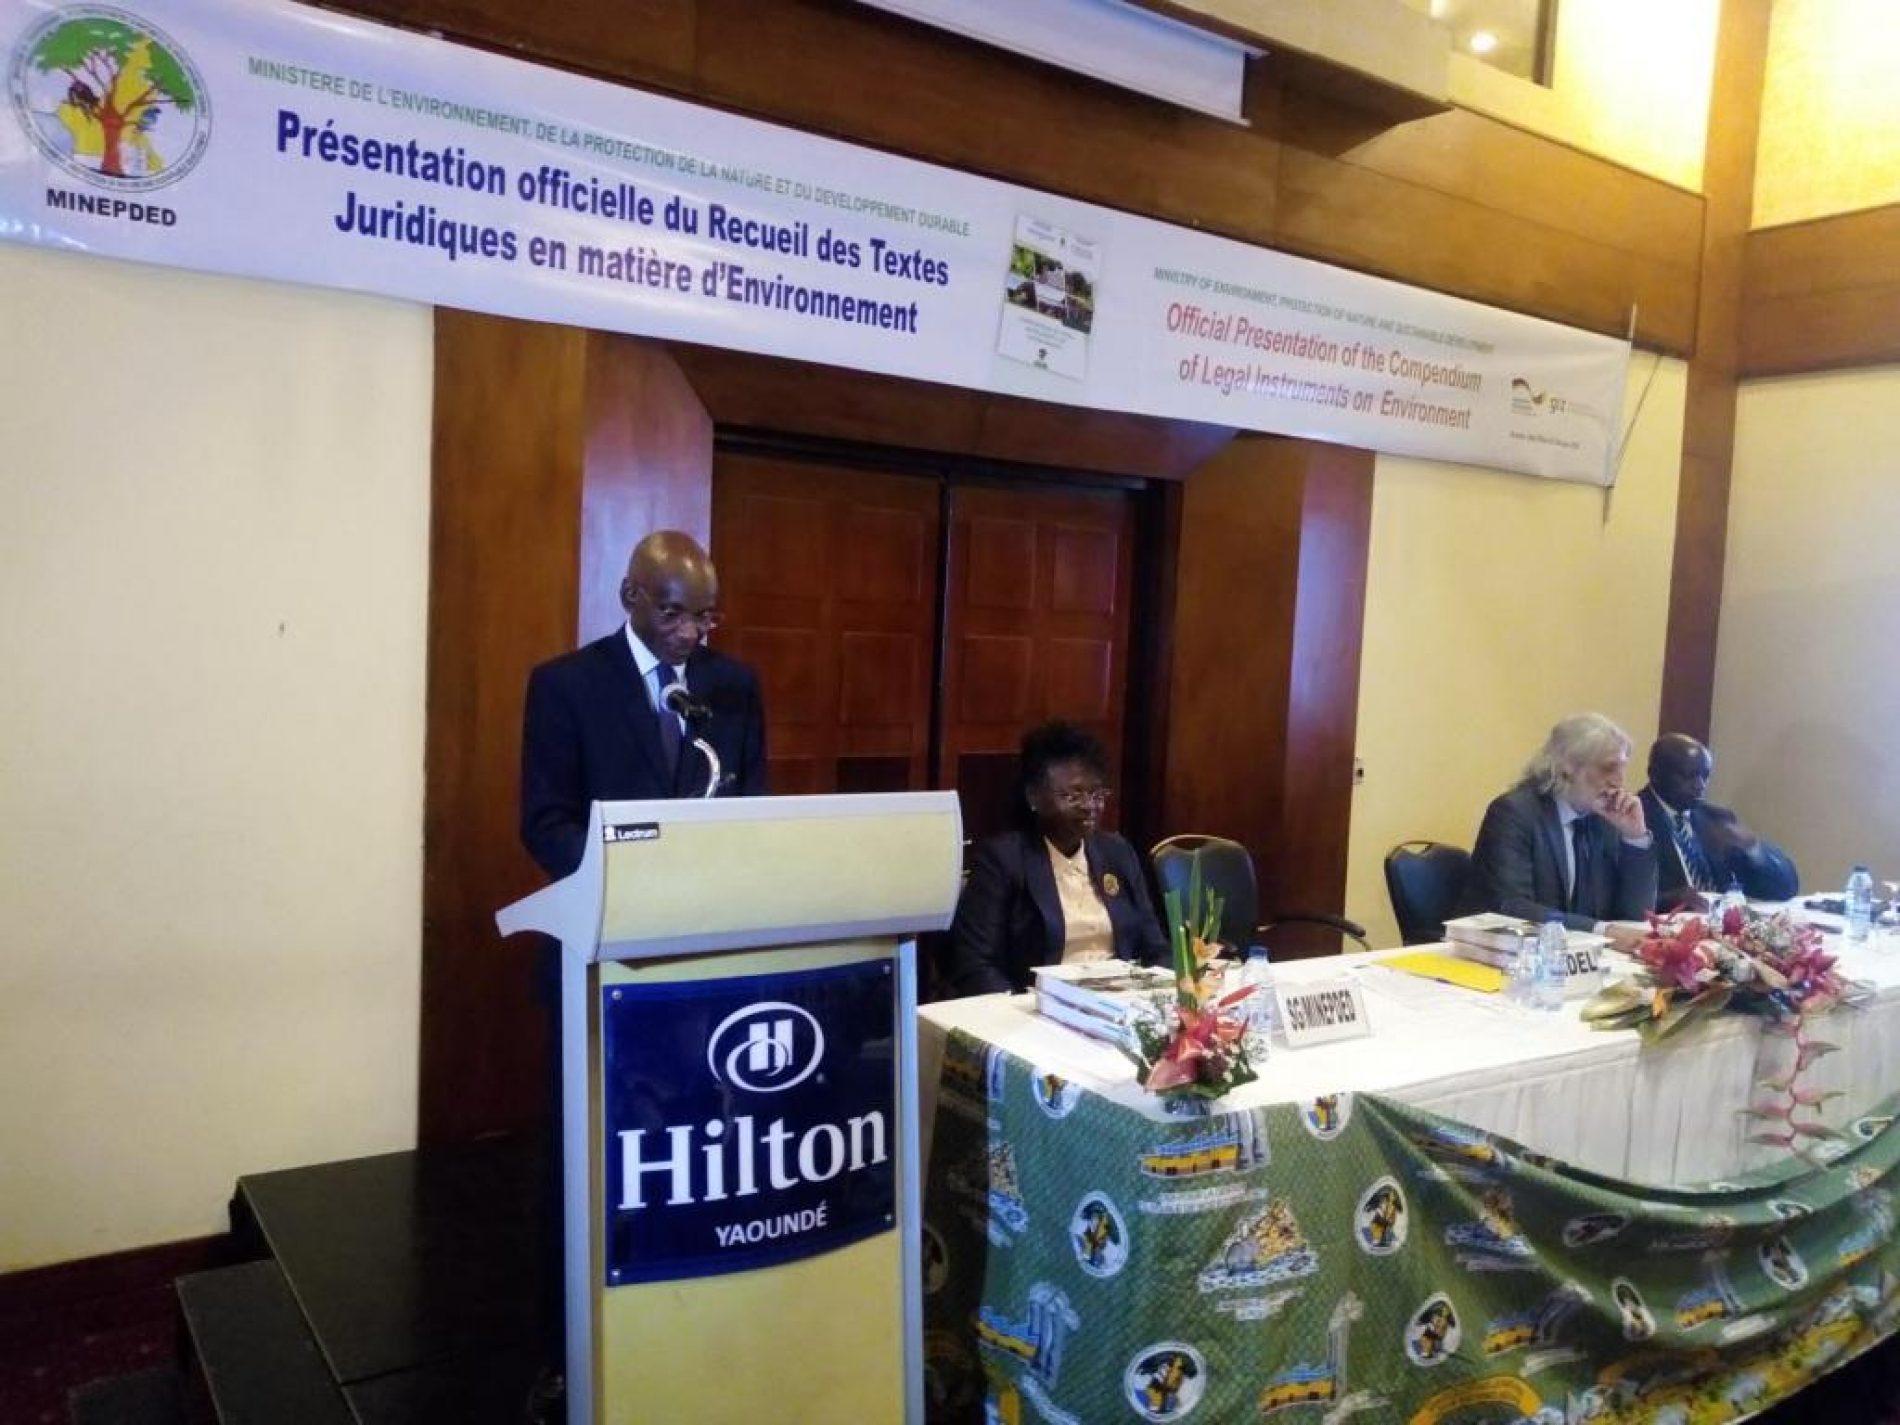 Protection de l'environnement: Le Cameroun se dote d'un guide juridique